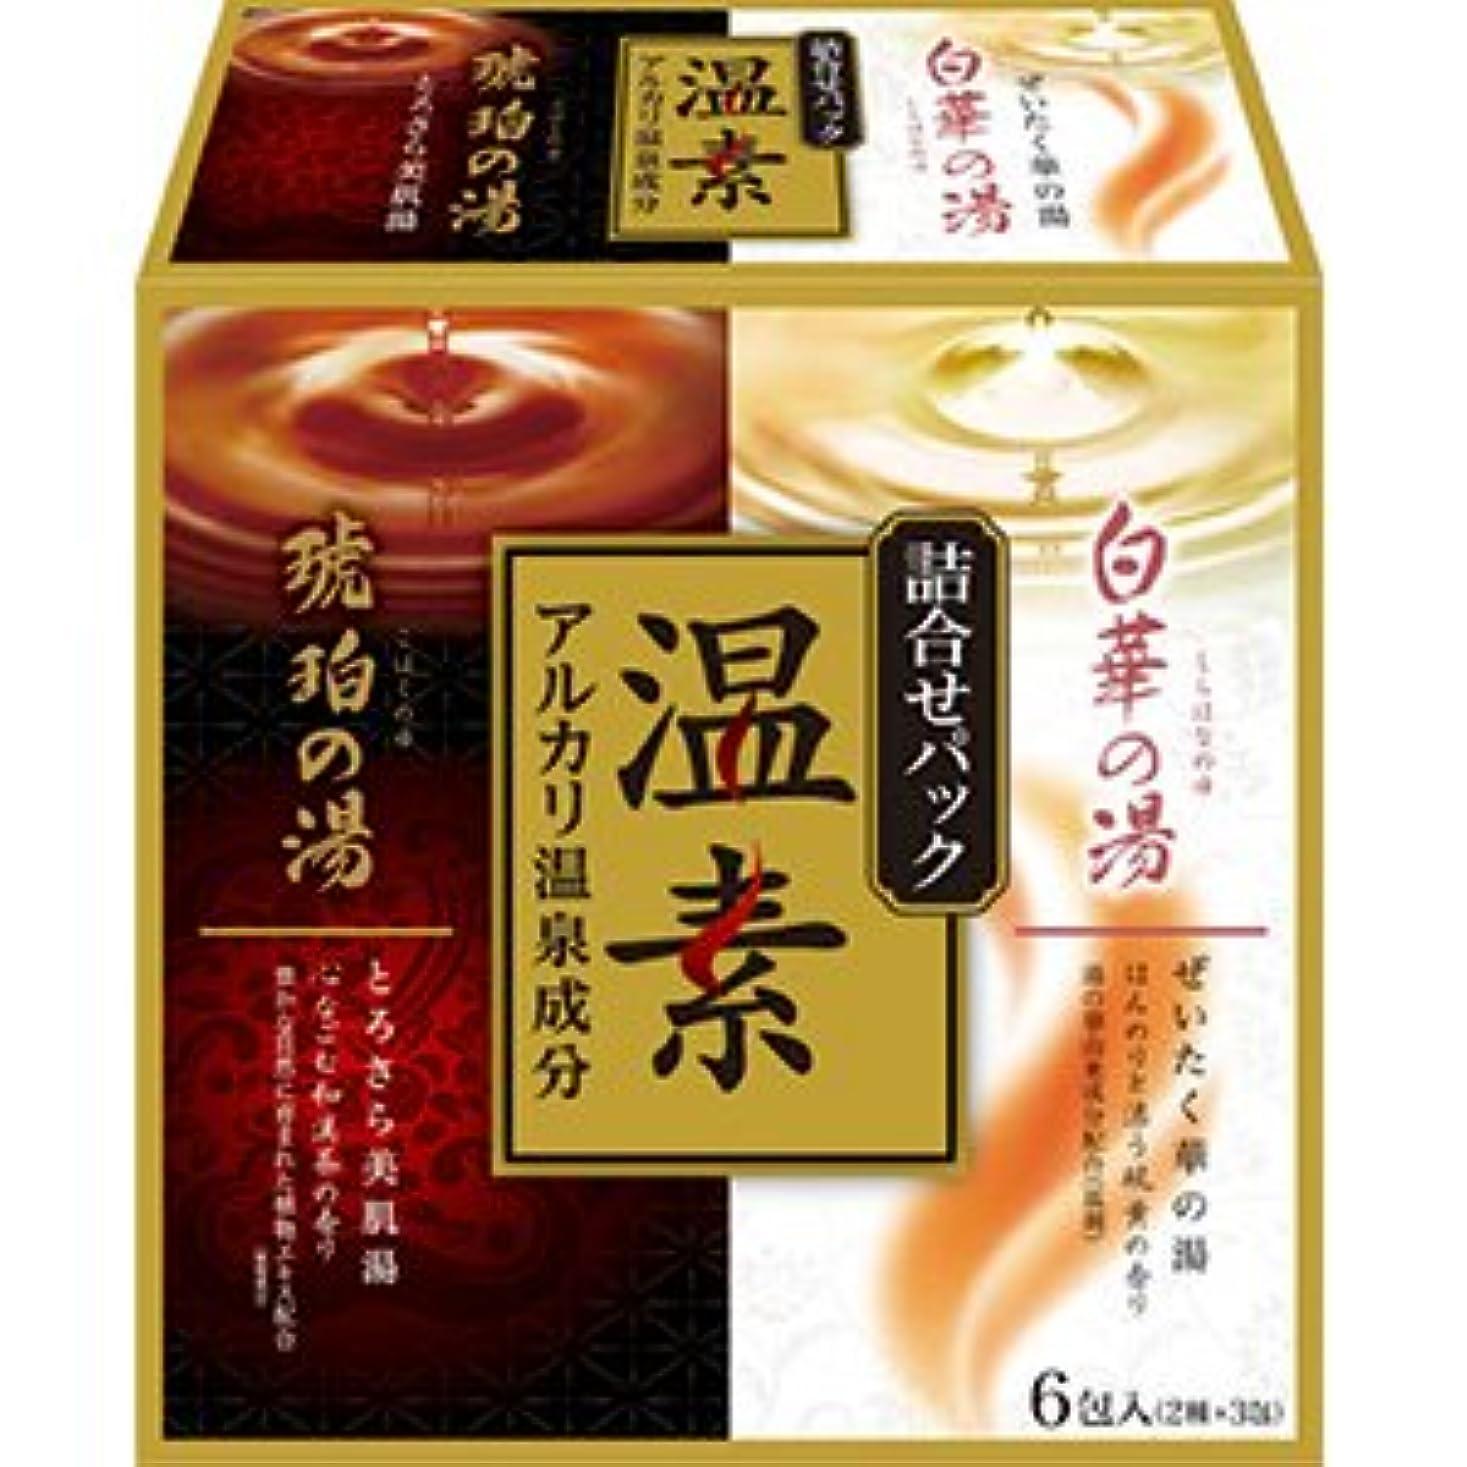 選出する熱心審判温素 琥珀の湯&白華の湯 詰合せパック × 16個セット